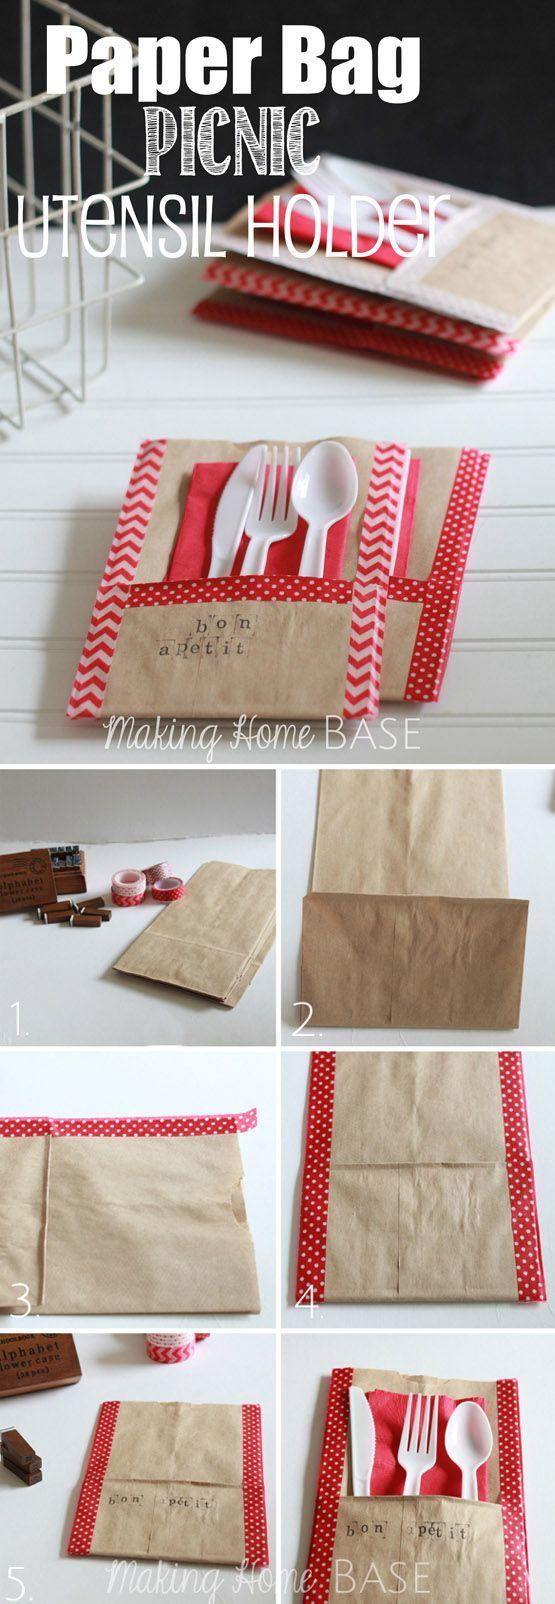 bolsita-papel-picnic-diy-muy-ingenioso